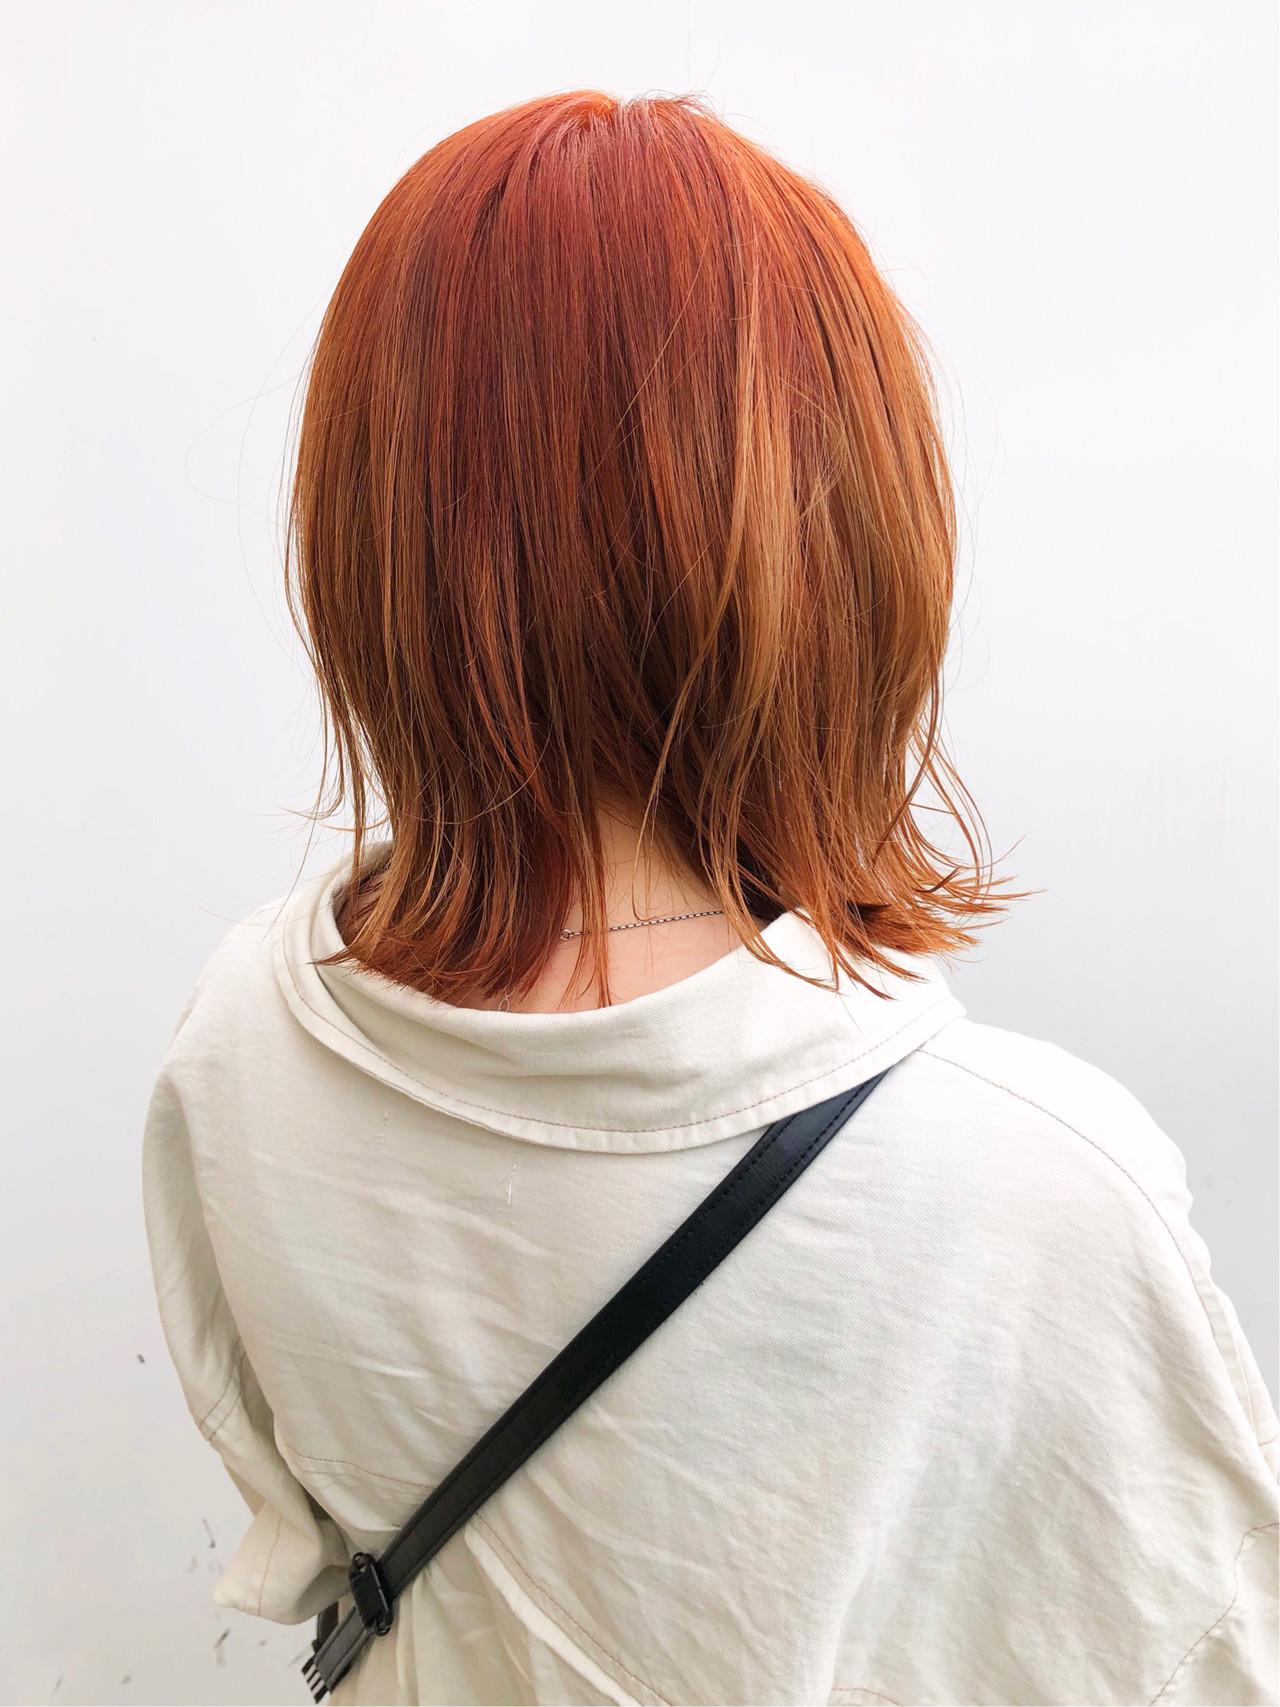 ストリート 外ハネ オレンジベージュ 切りっぱなしボブ ヘアスタイルや髪型の写真・画像 | 出塩 浩之 / MORIO FROM LONDON さいたま新都心